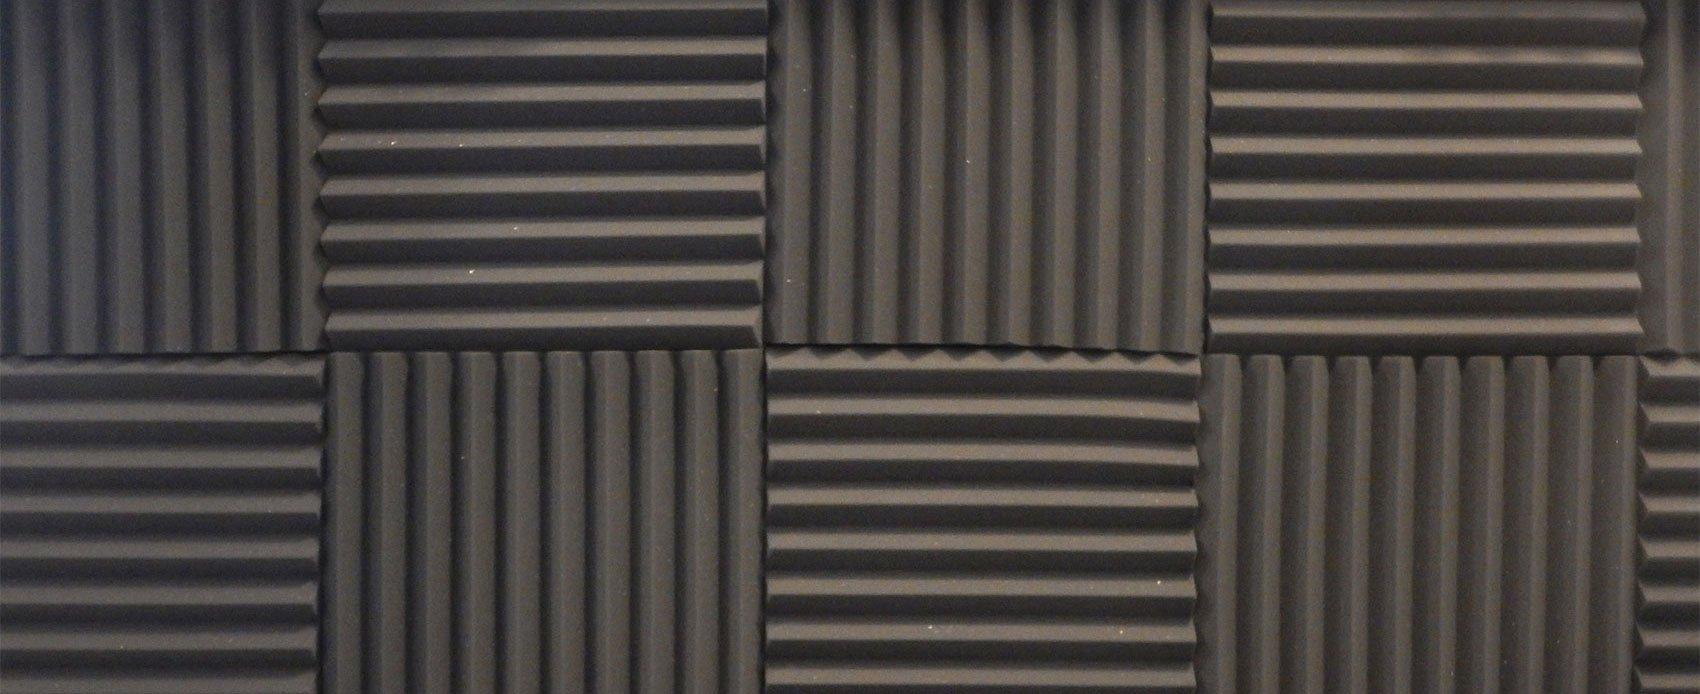 ¿Qué es la reverberación acústica?